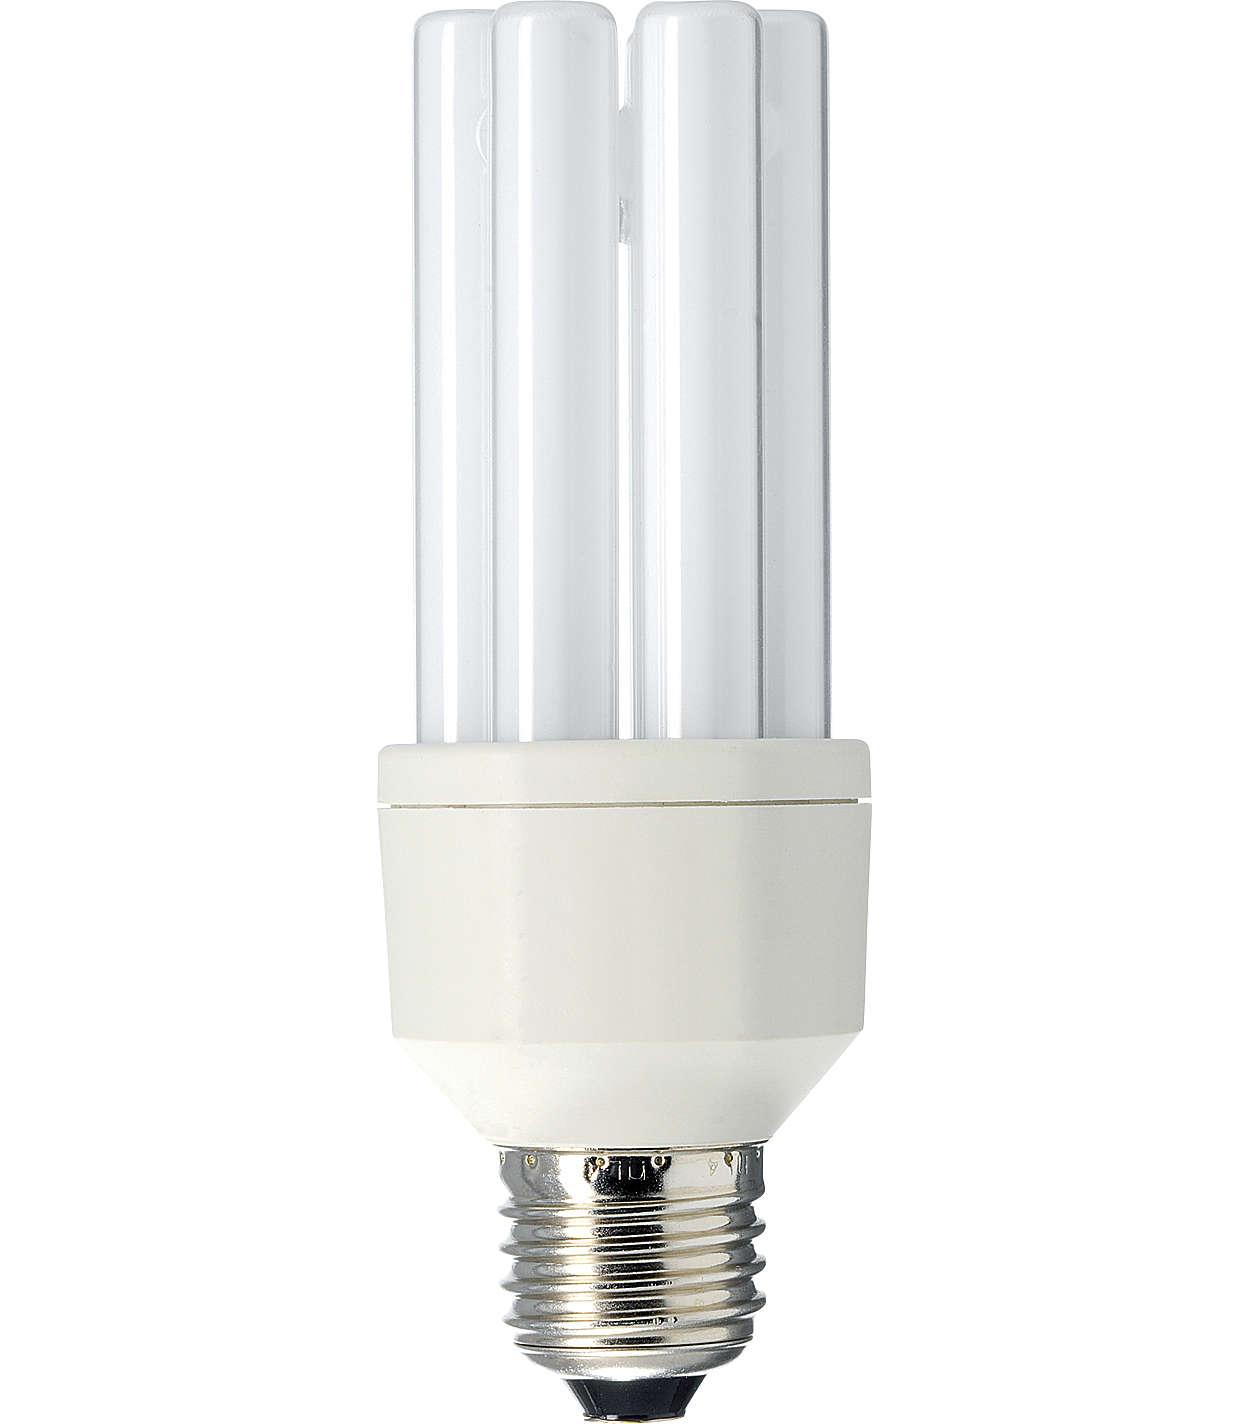 Профессиональный подход к сбережению энергии при освещении